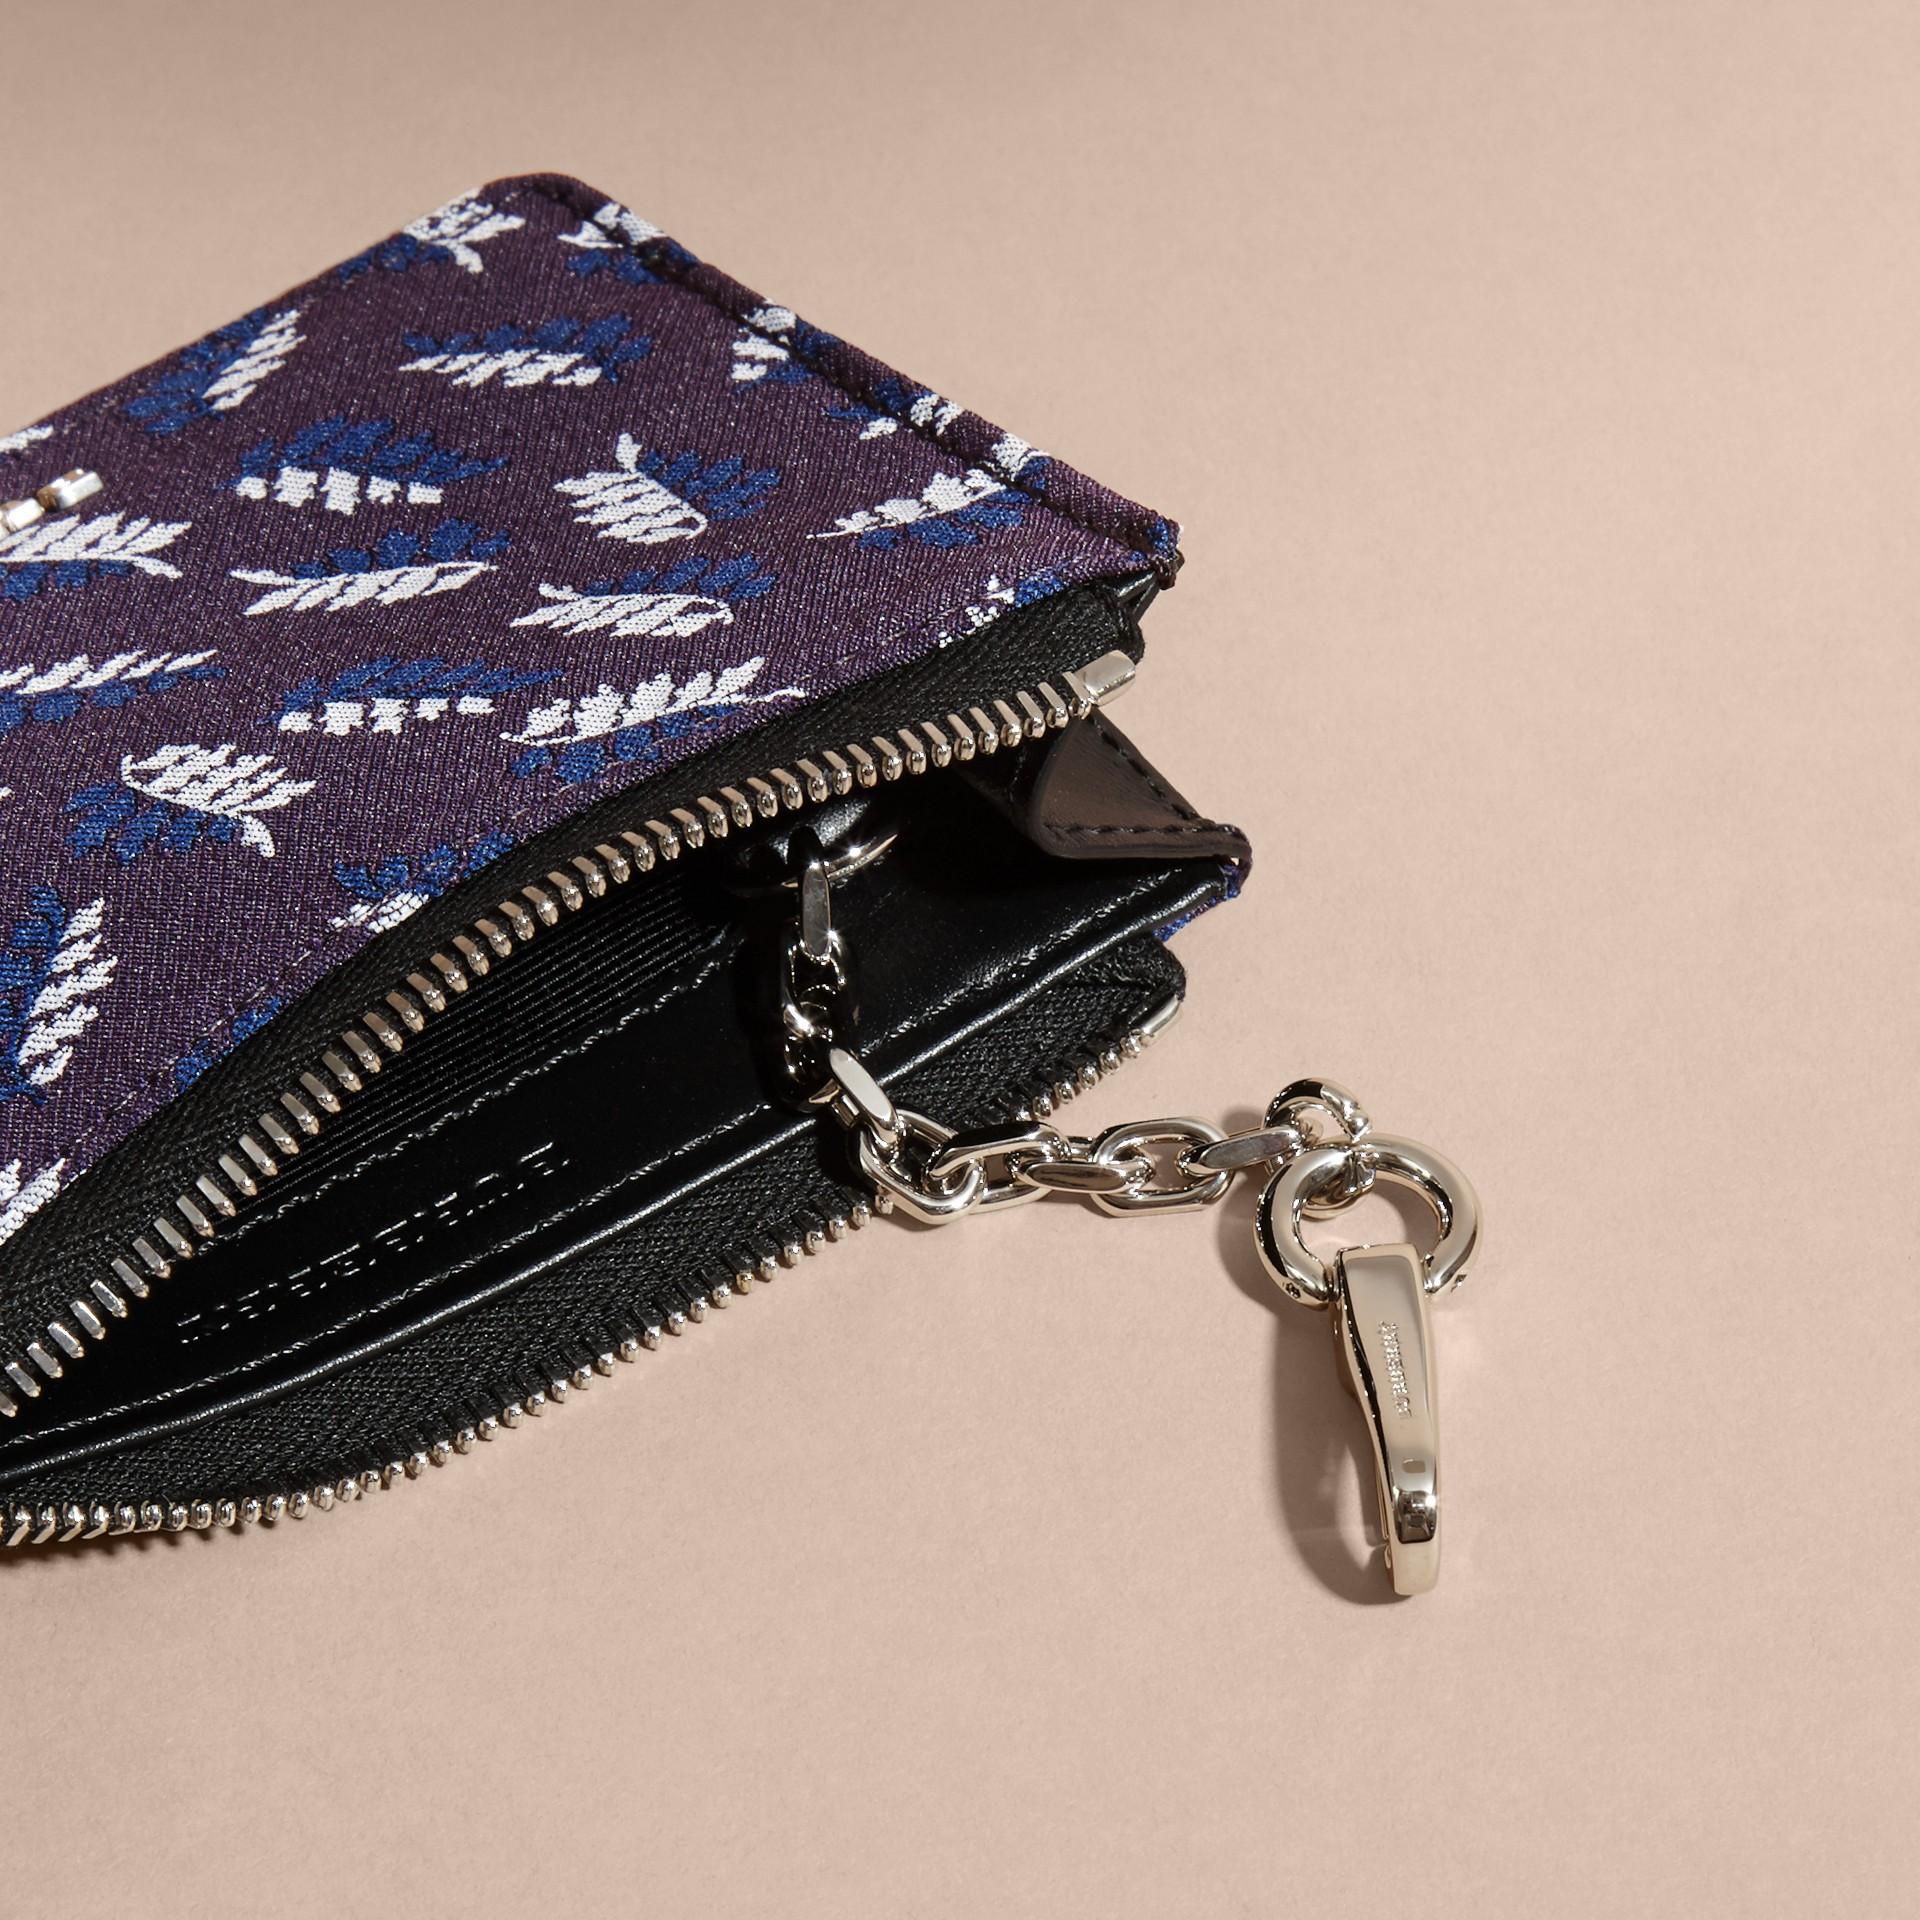 Aubergine intense Portefeuille en jacquard à motif feuillage avec zip supérieur Aubergine Intense - photo de la galerie 5